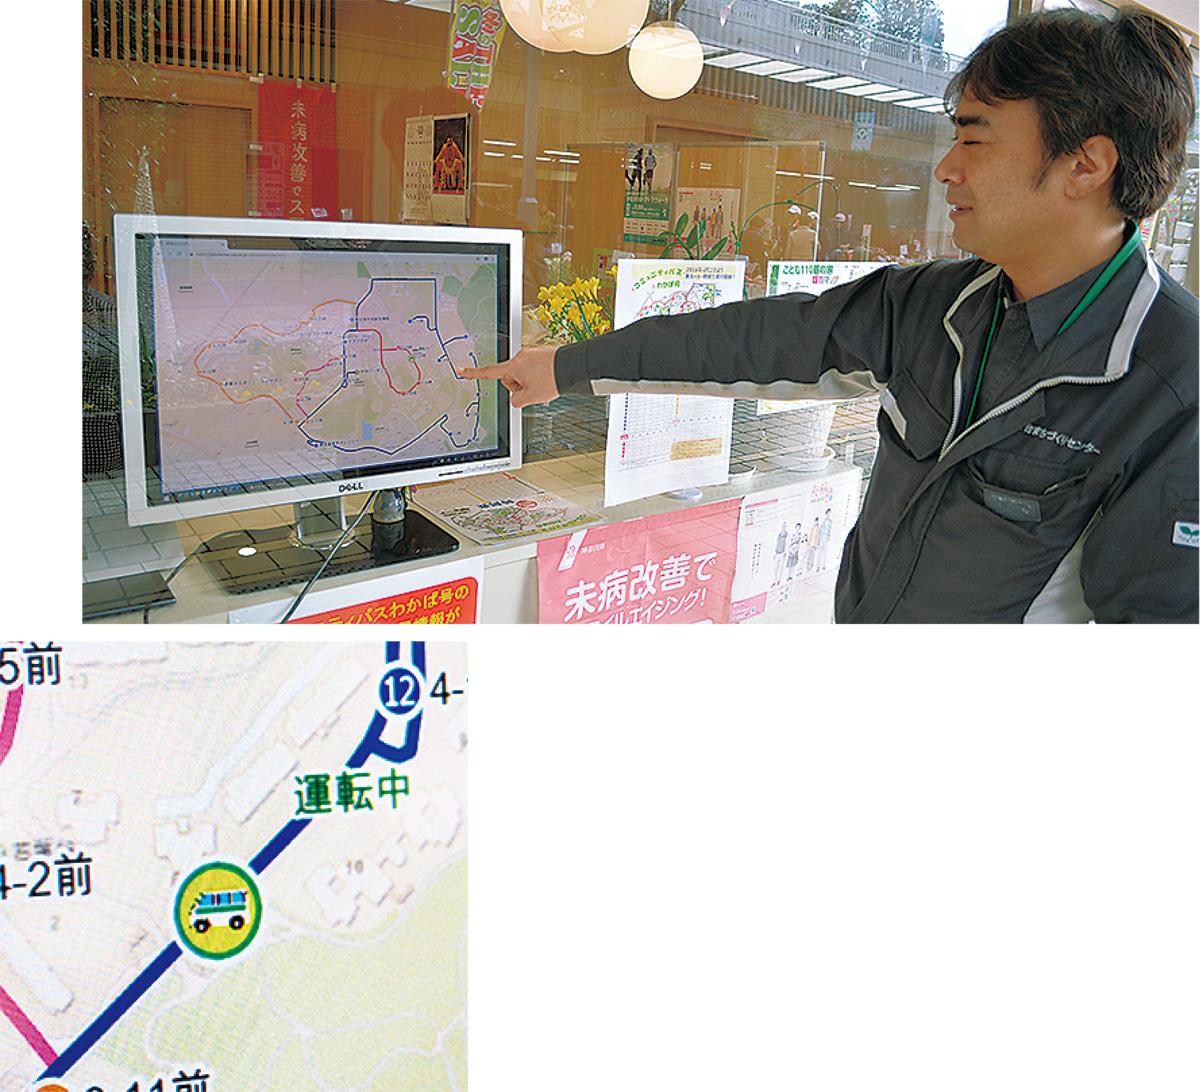 運行情報の可視化で乗りやすく